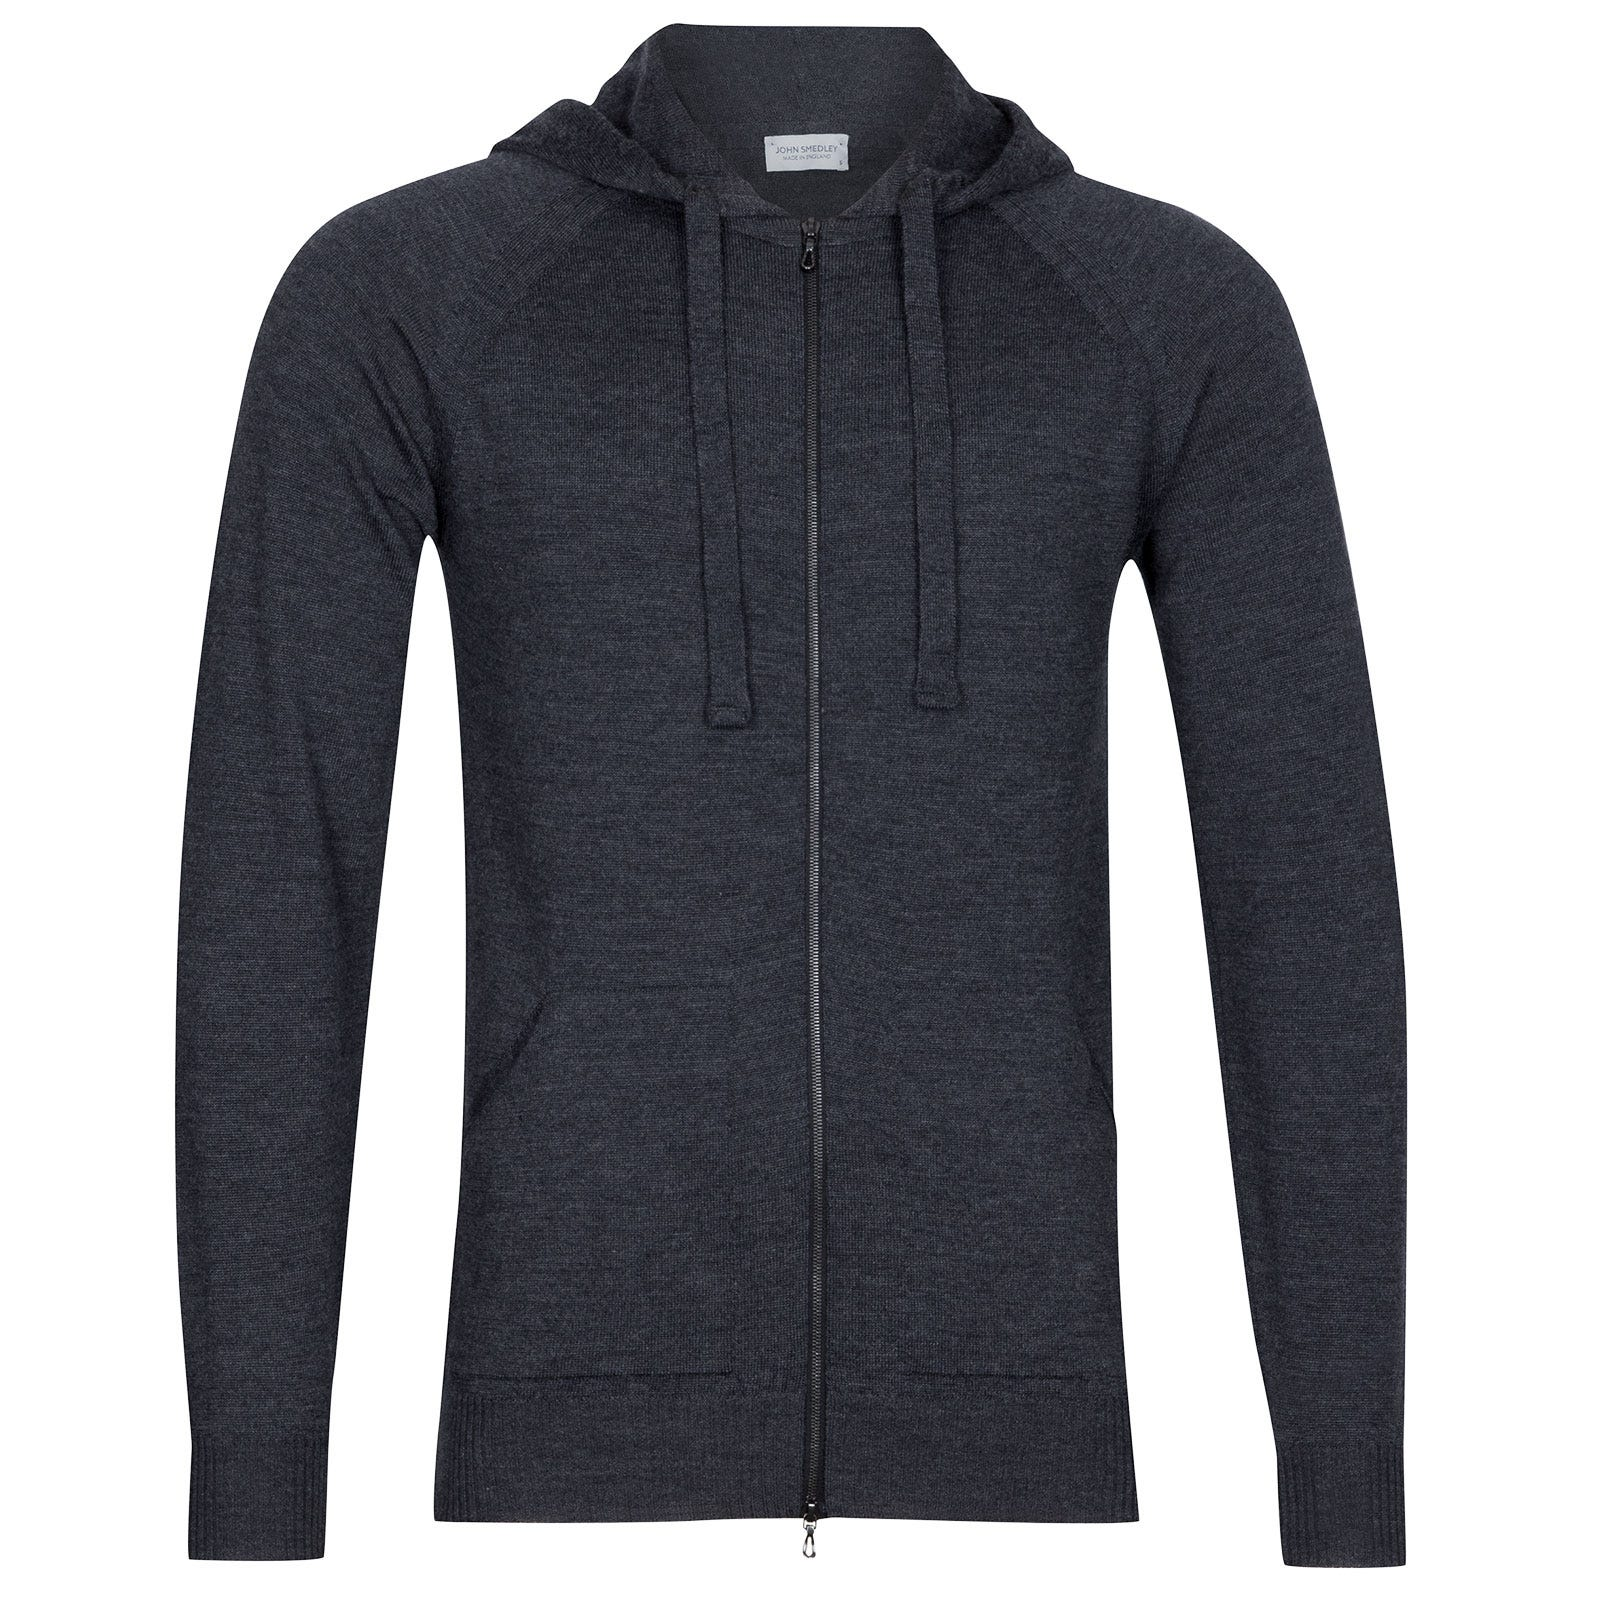 John Smedley Reservoir Merino Wool Jacket in Charcoal-M